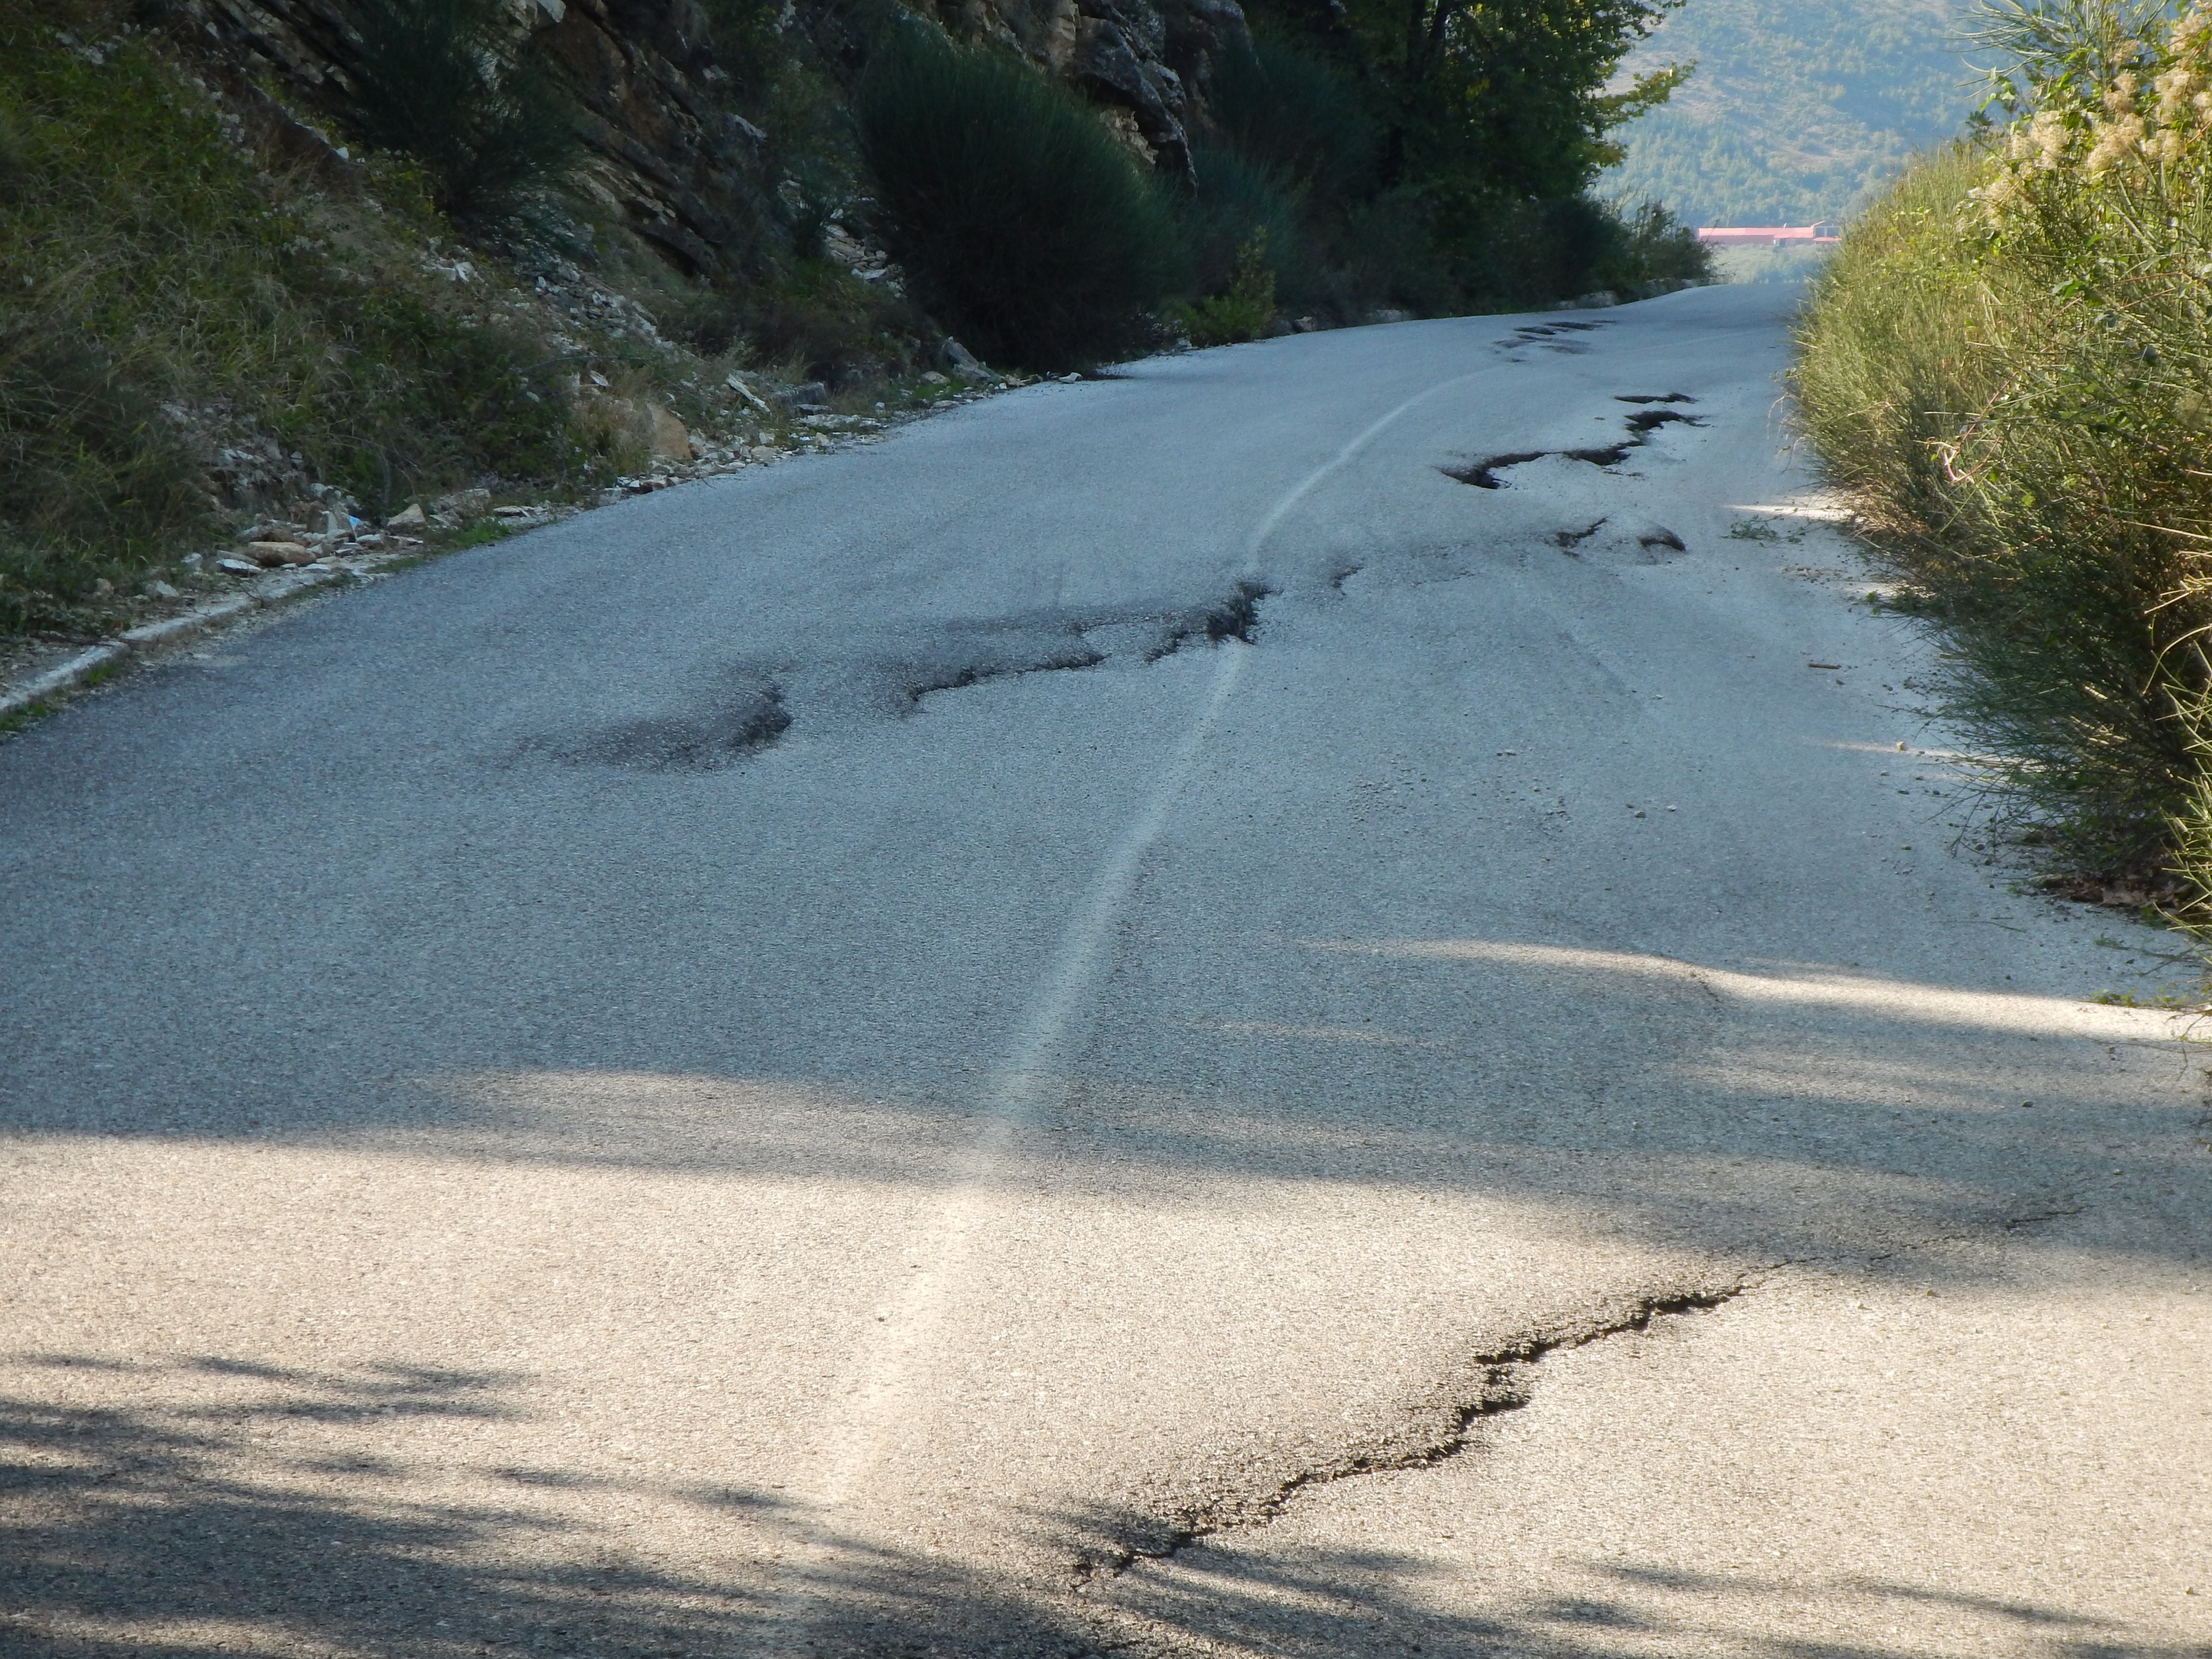 Grèce - Destination Météores par trail rando 161003072406161661